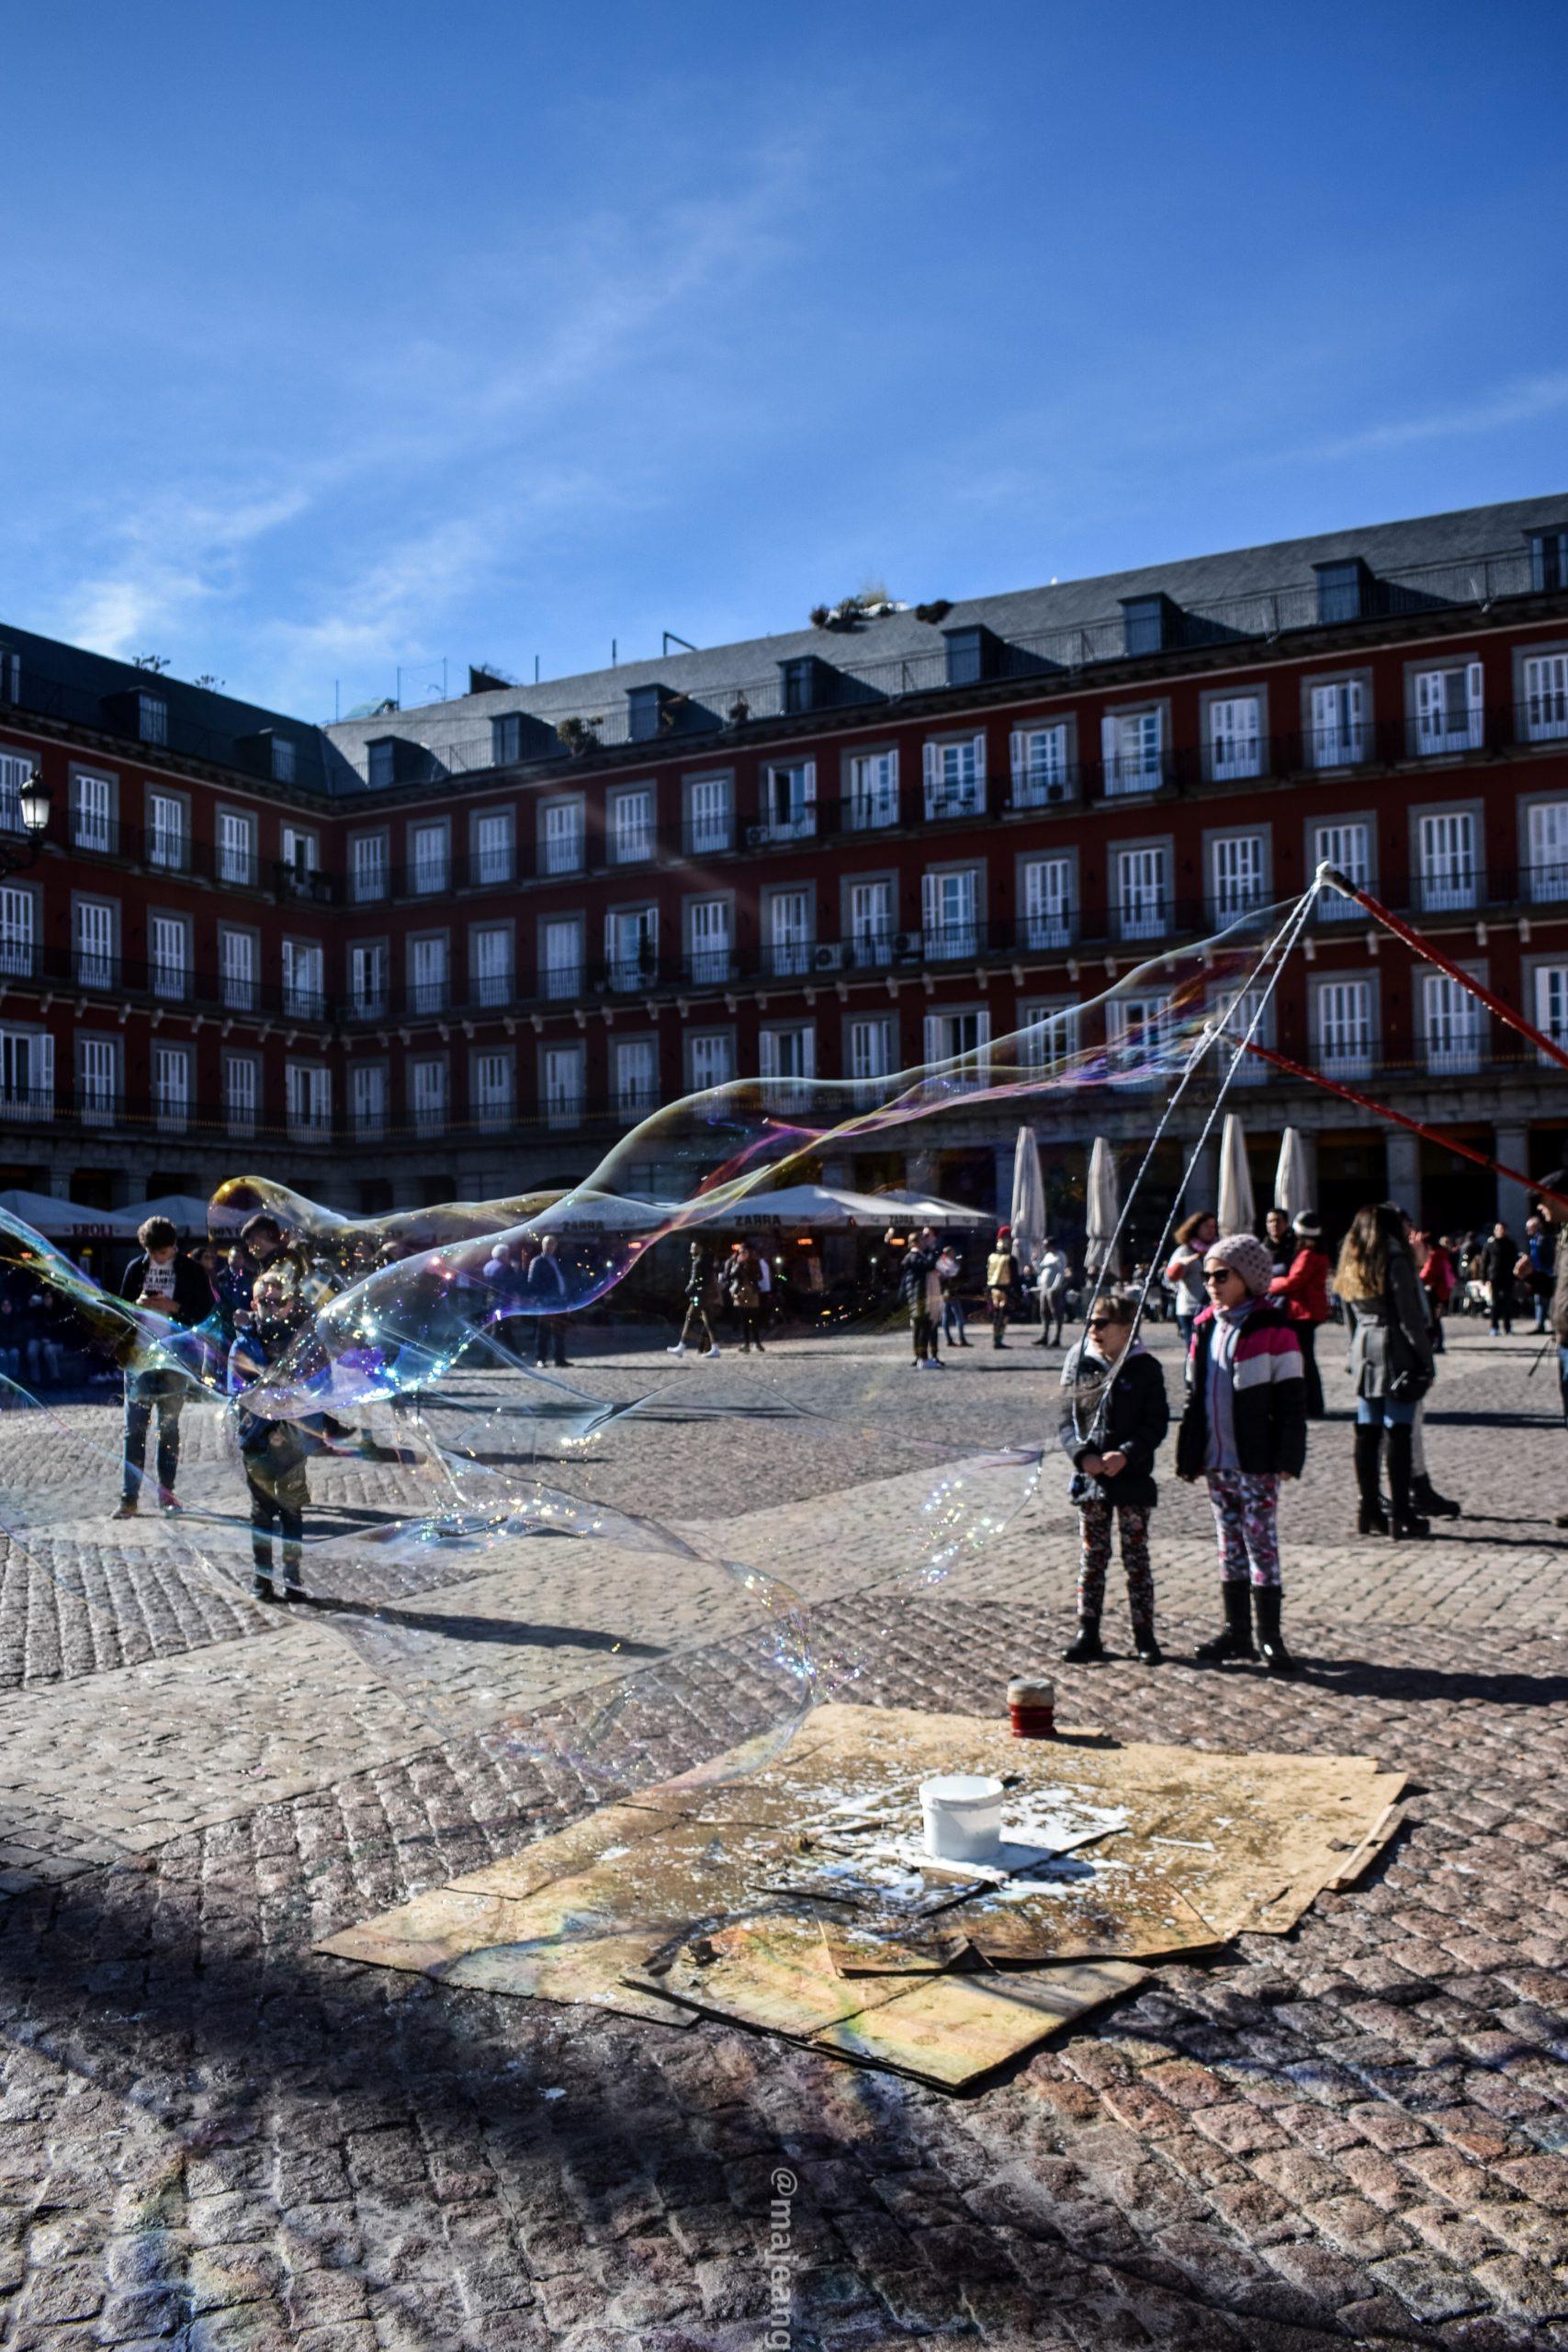 5 reasons madrid makes a great city break- plaza mayor